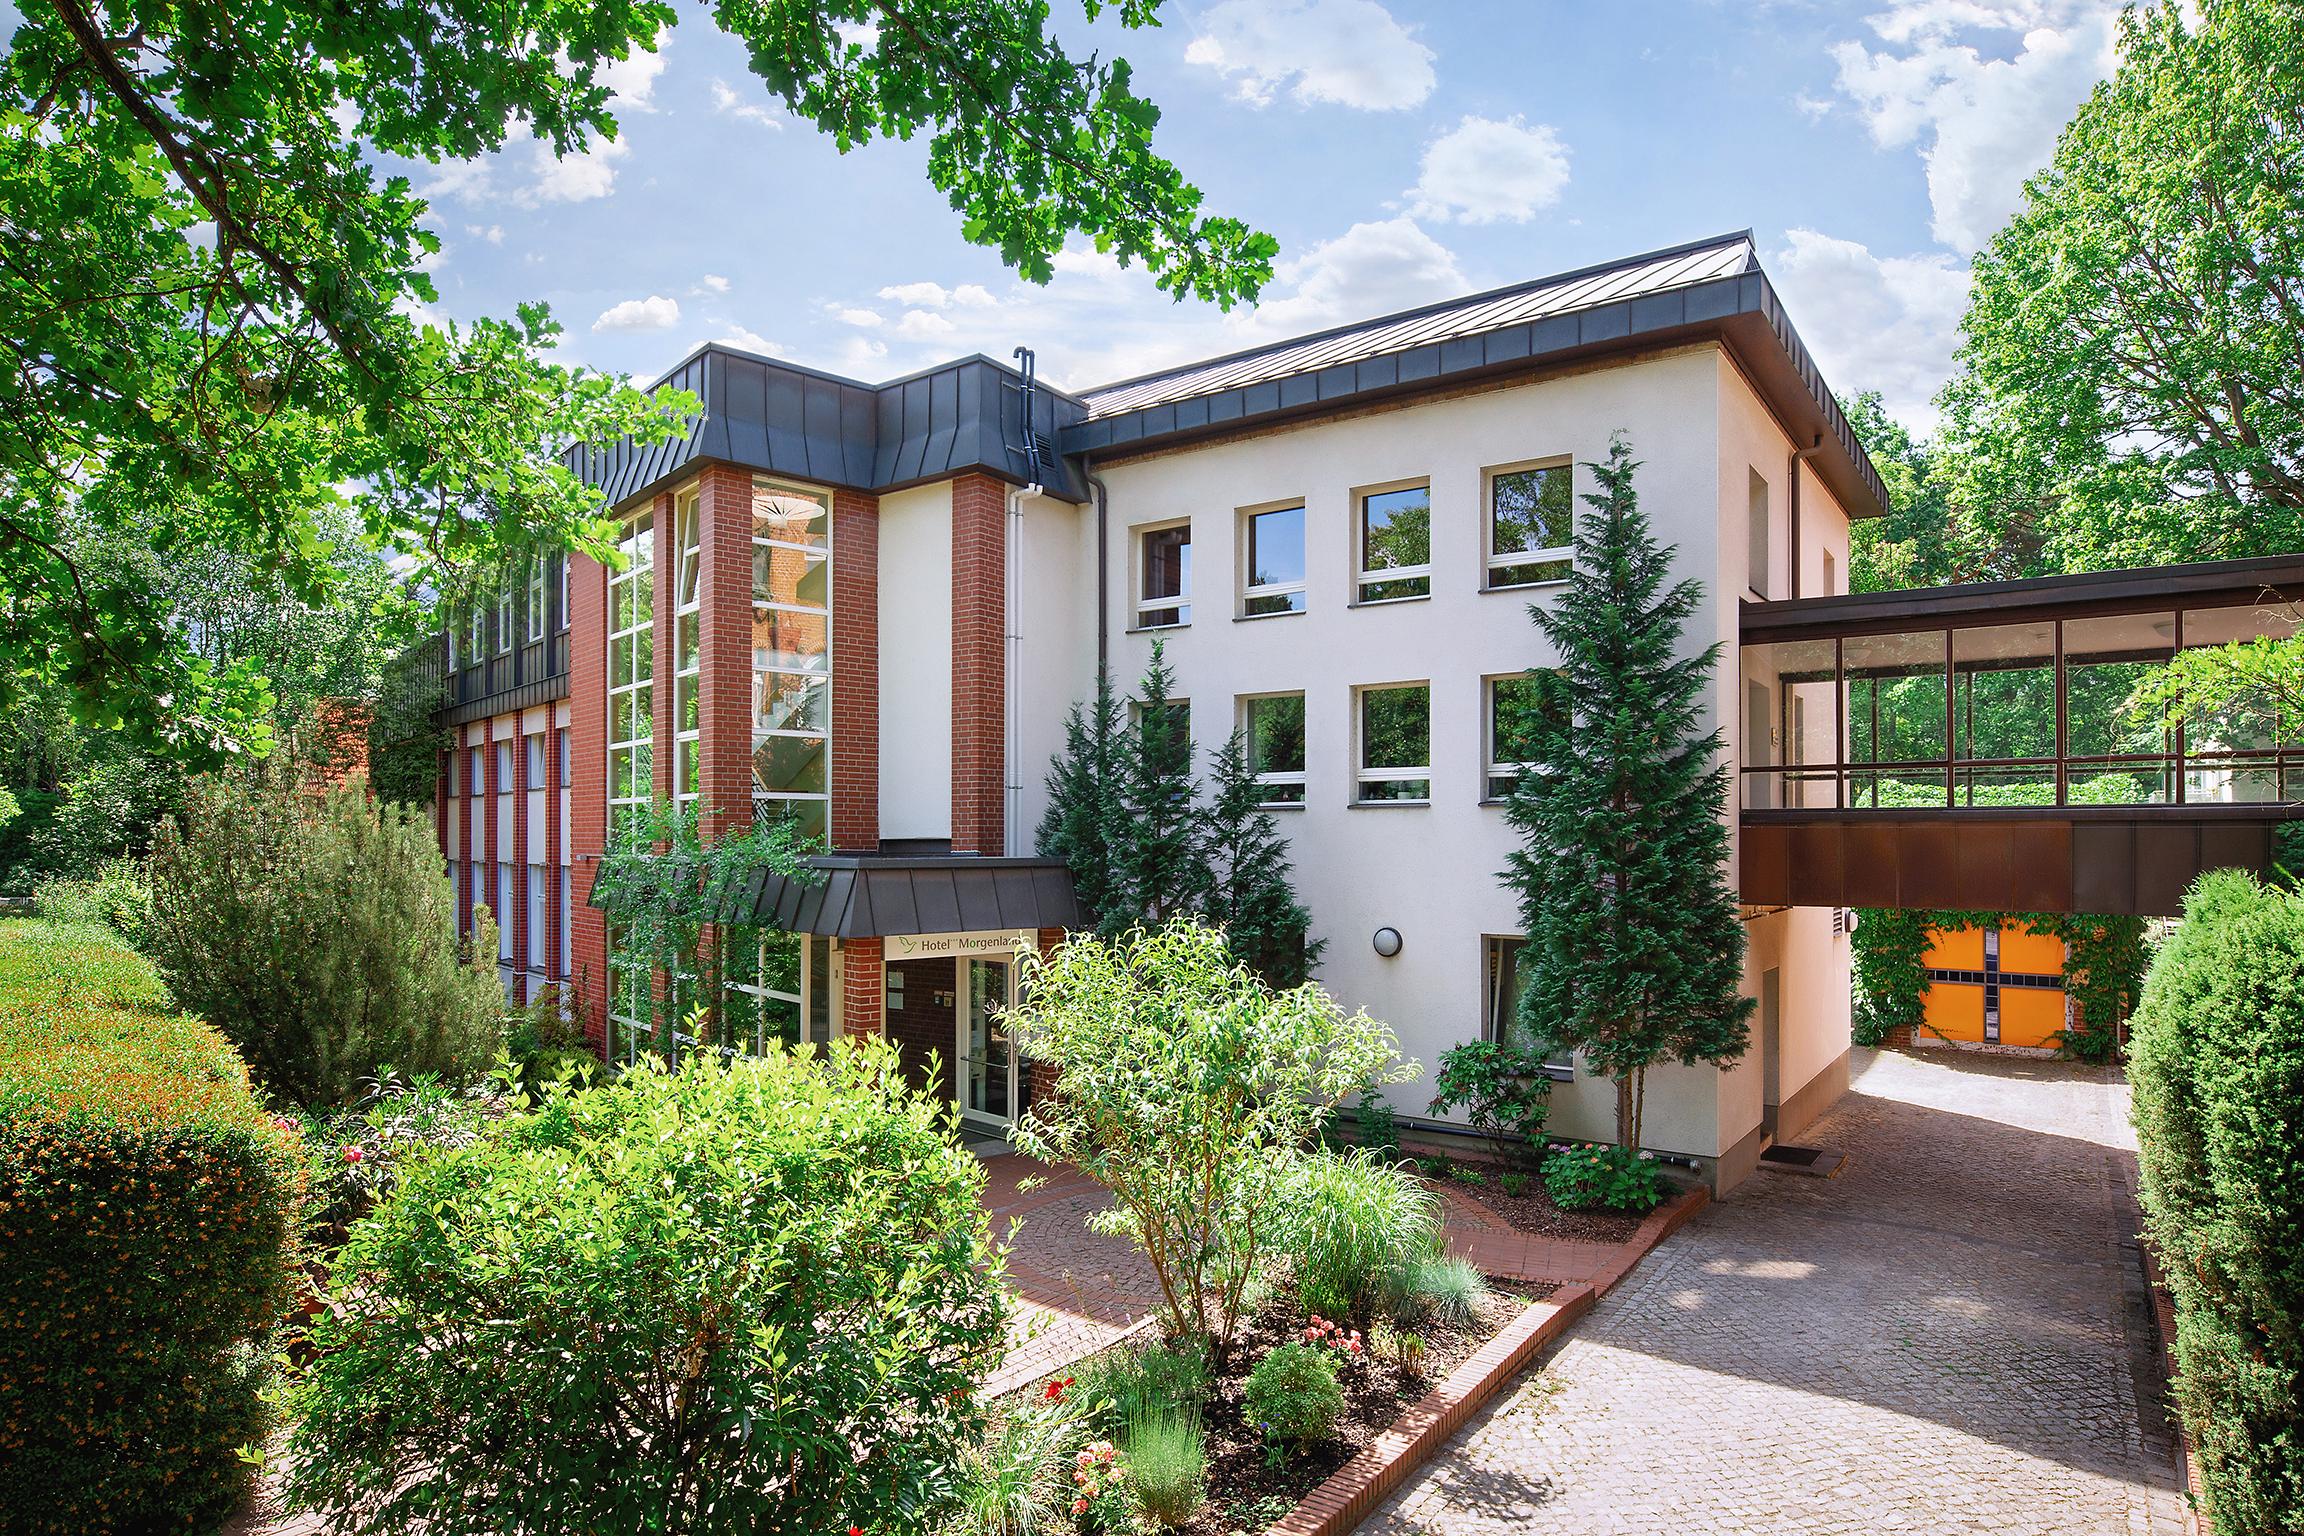 hotel morgenland in berlin steglitz zehlendorf holidaycheck berlin deutschland. Black Bedroom Furniture Sets. Home Design Ideas